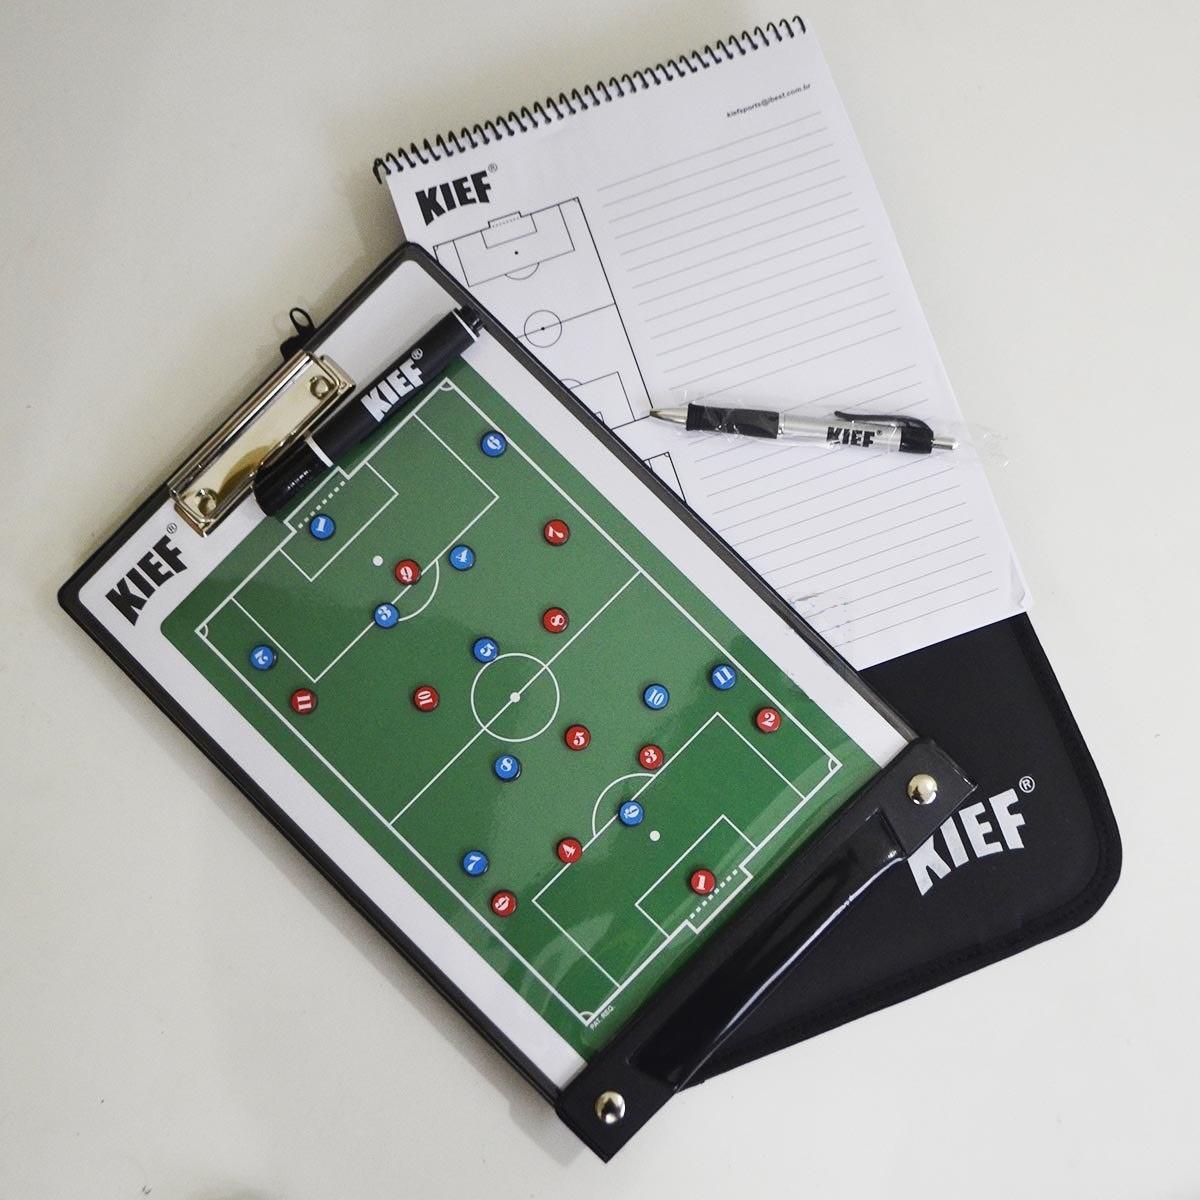 0f88828b43cf0 prancheta tática magnética top futebol campo kief com pasta. Carregando  zoom.